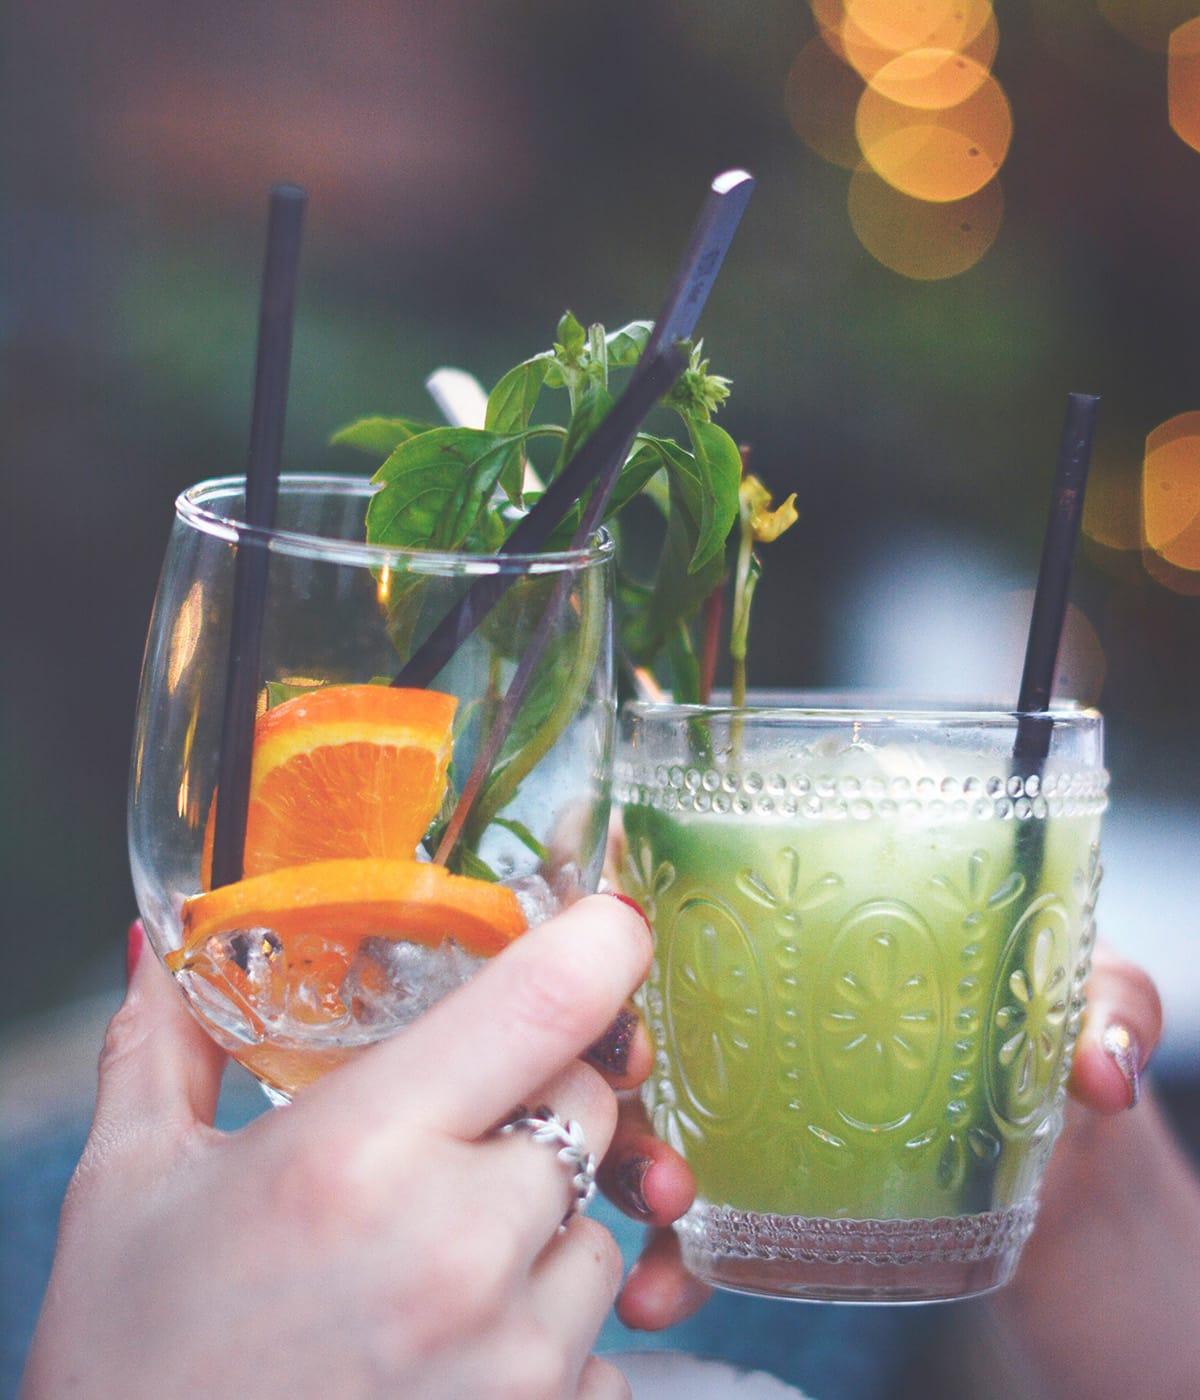 Sommerliche Cocktails kommen bei einer Gartenparty immer gut an.